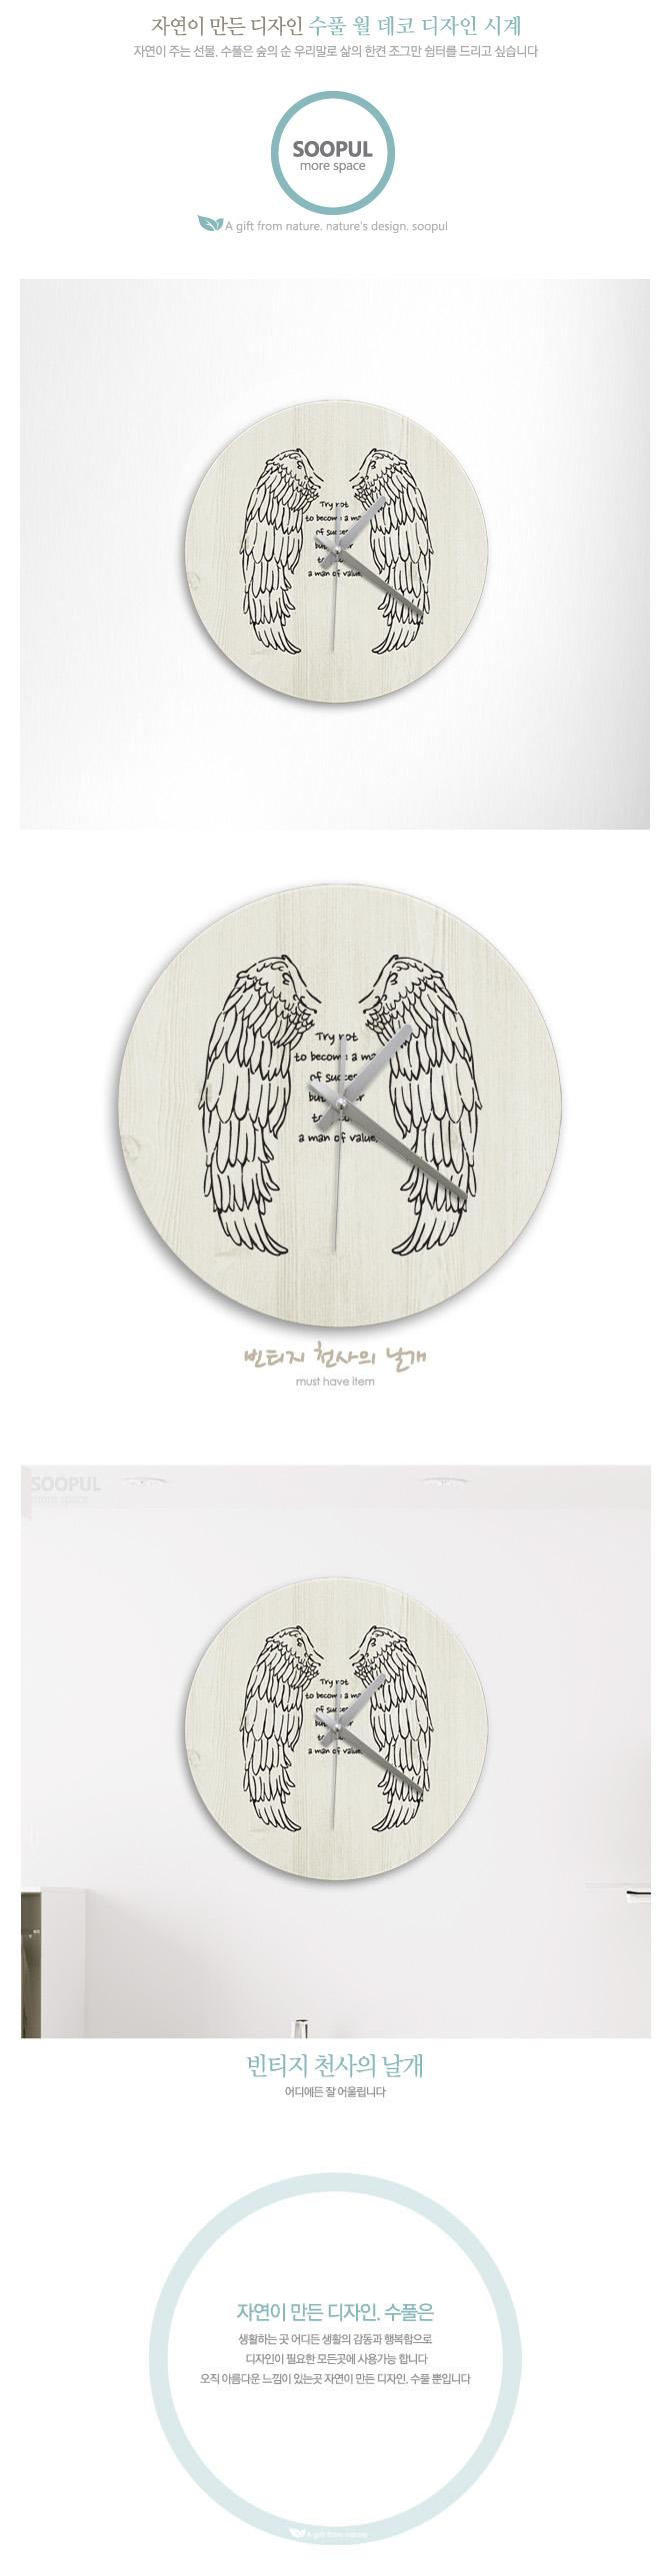 디자인 시계 빈티지 천사의 날개 - 수풀, 36,400원, 벽시계, 디자인벽시계